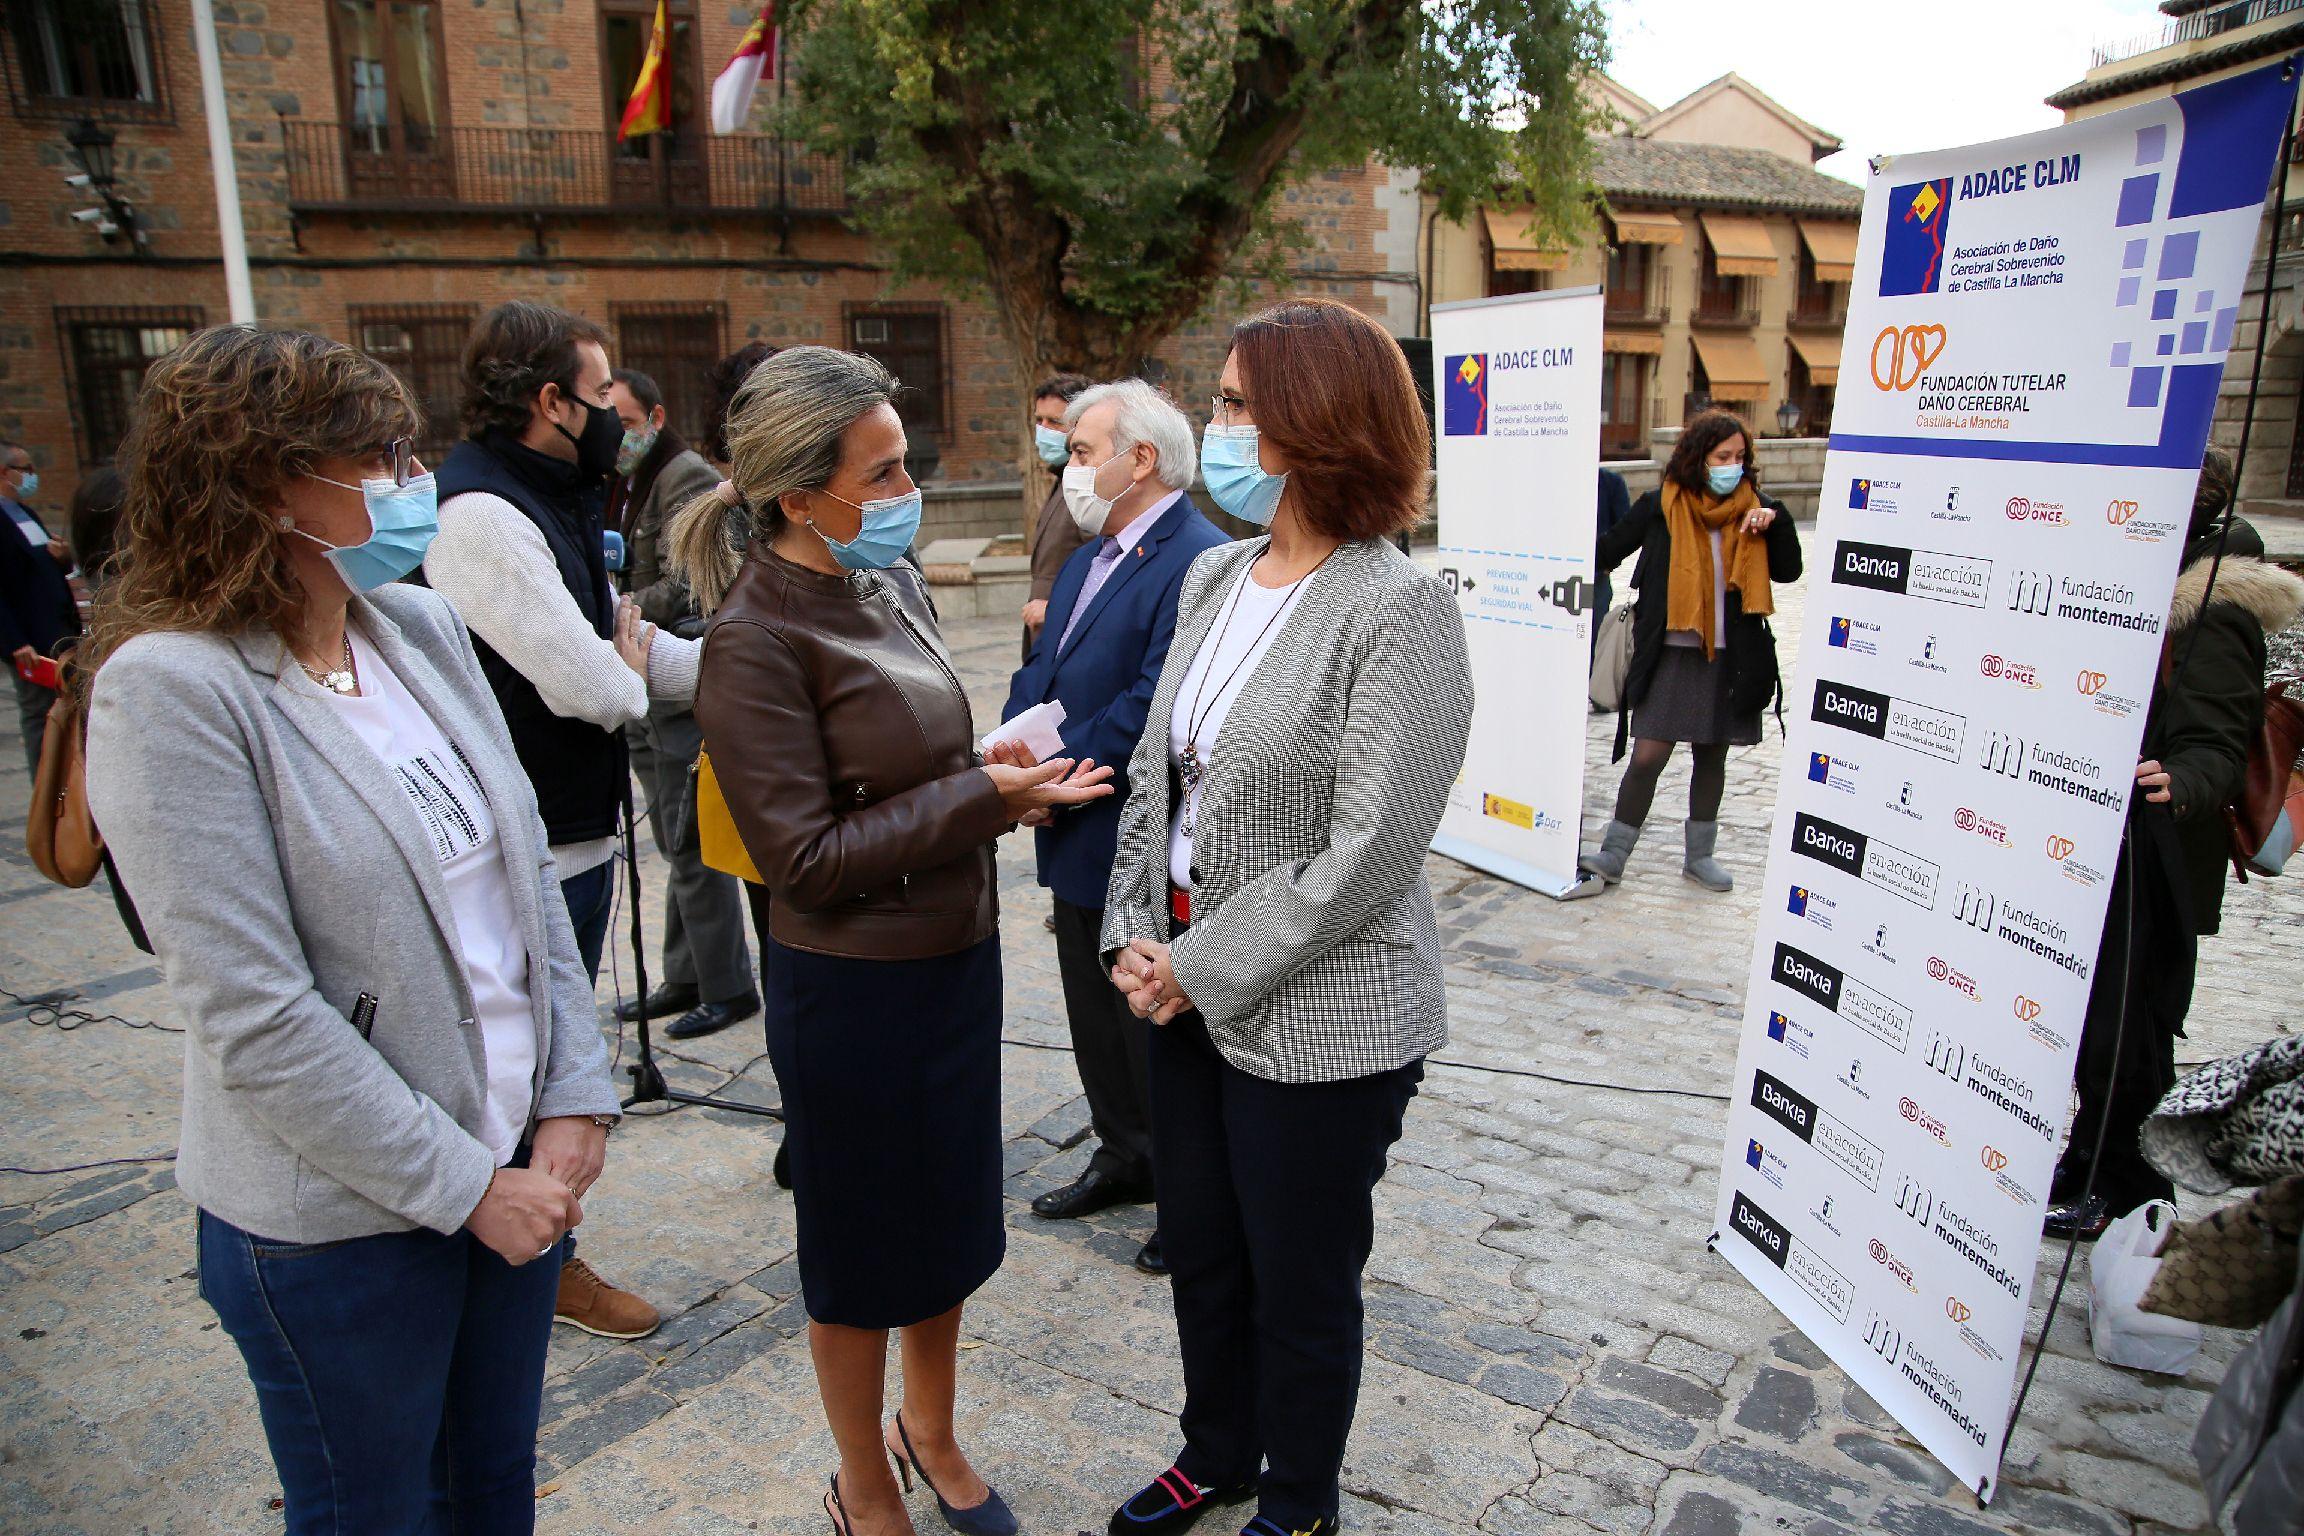 La alcaldesa expresa su apoyo incondicional a ADACE en el Día Nacional del Daño Cerebral que tiene lugar cada 26 de octubre